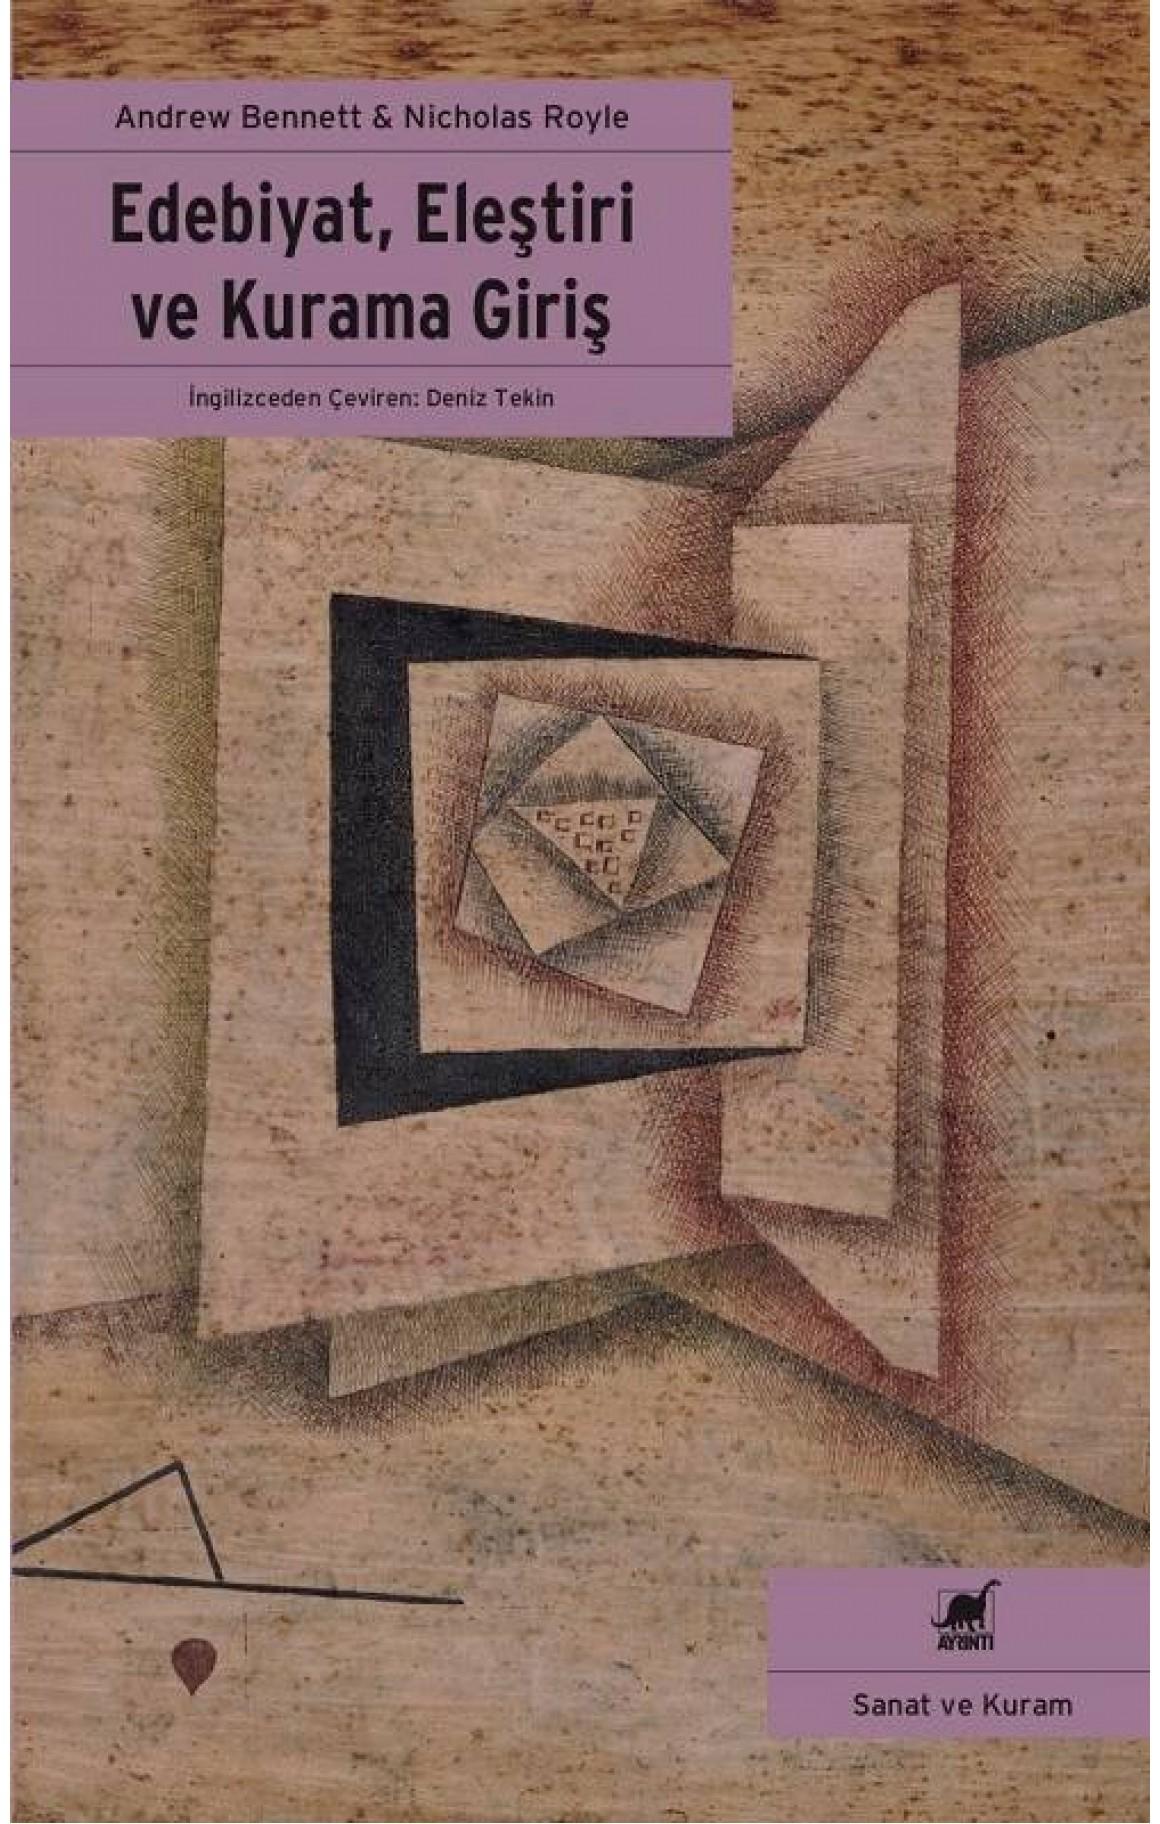 Edebiyat Eleştiri ve Kurama Giriş